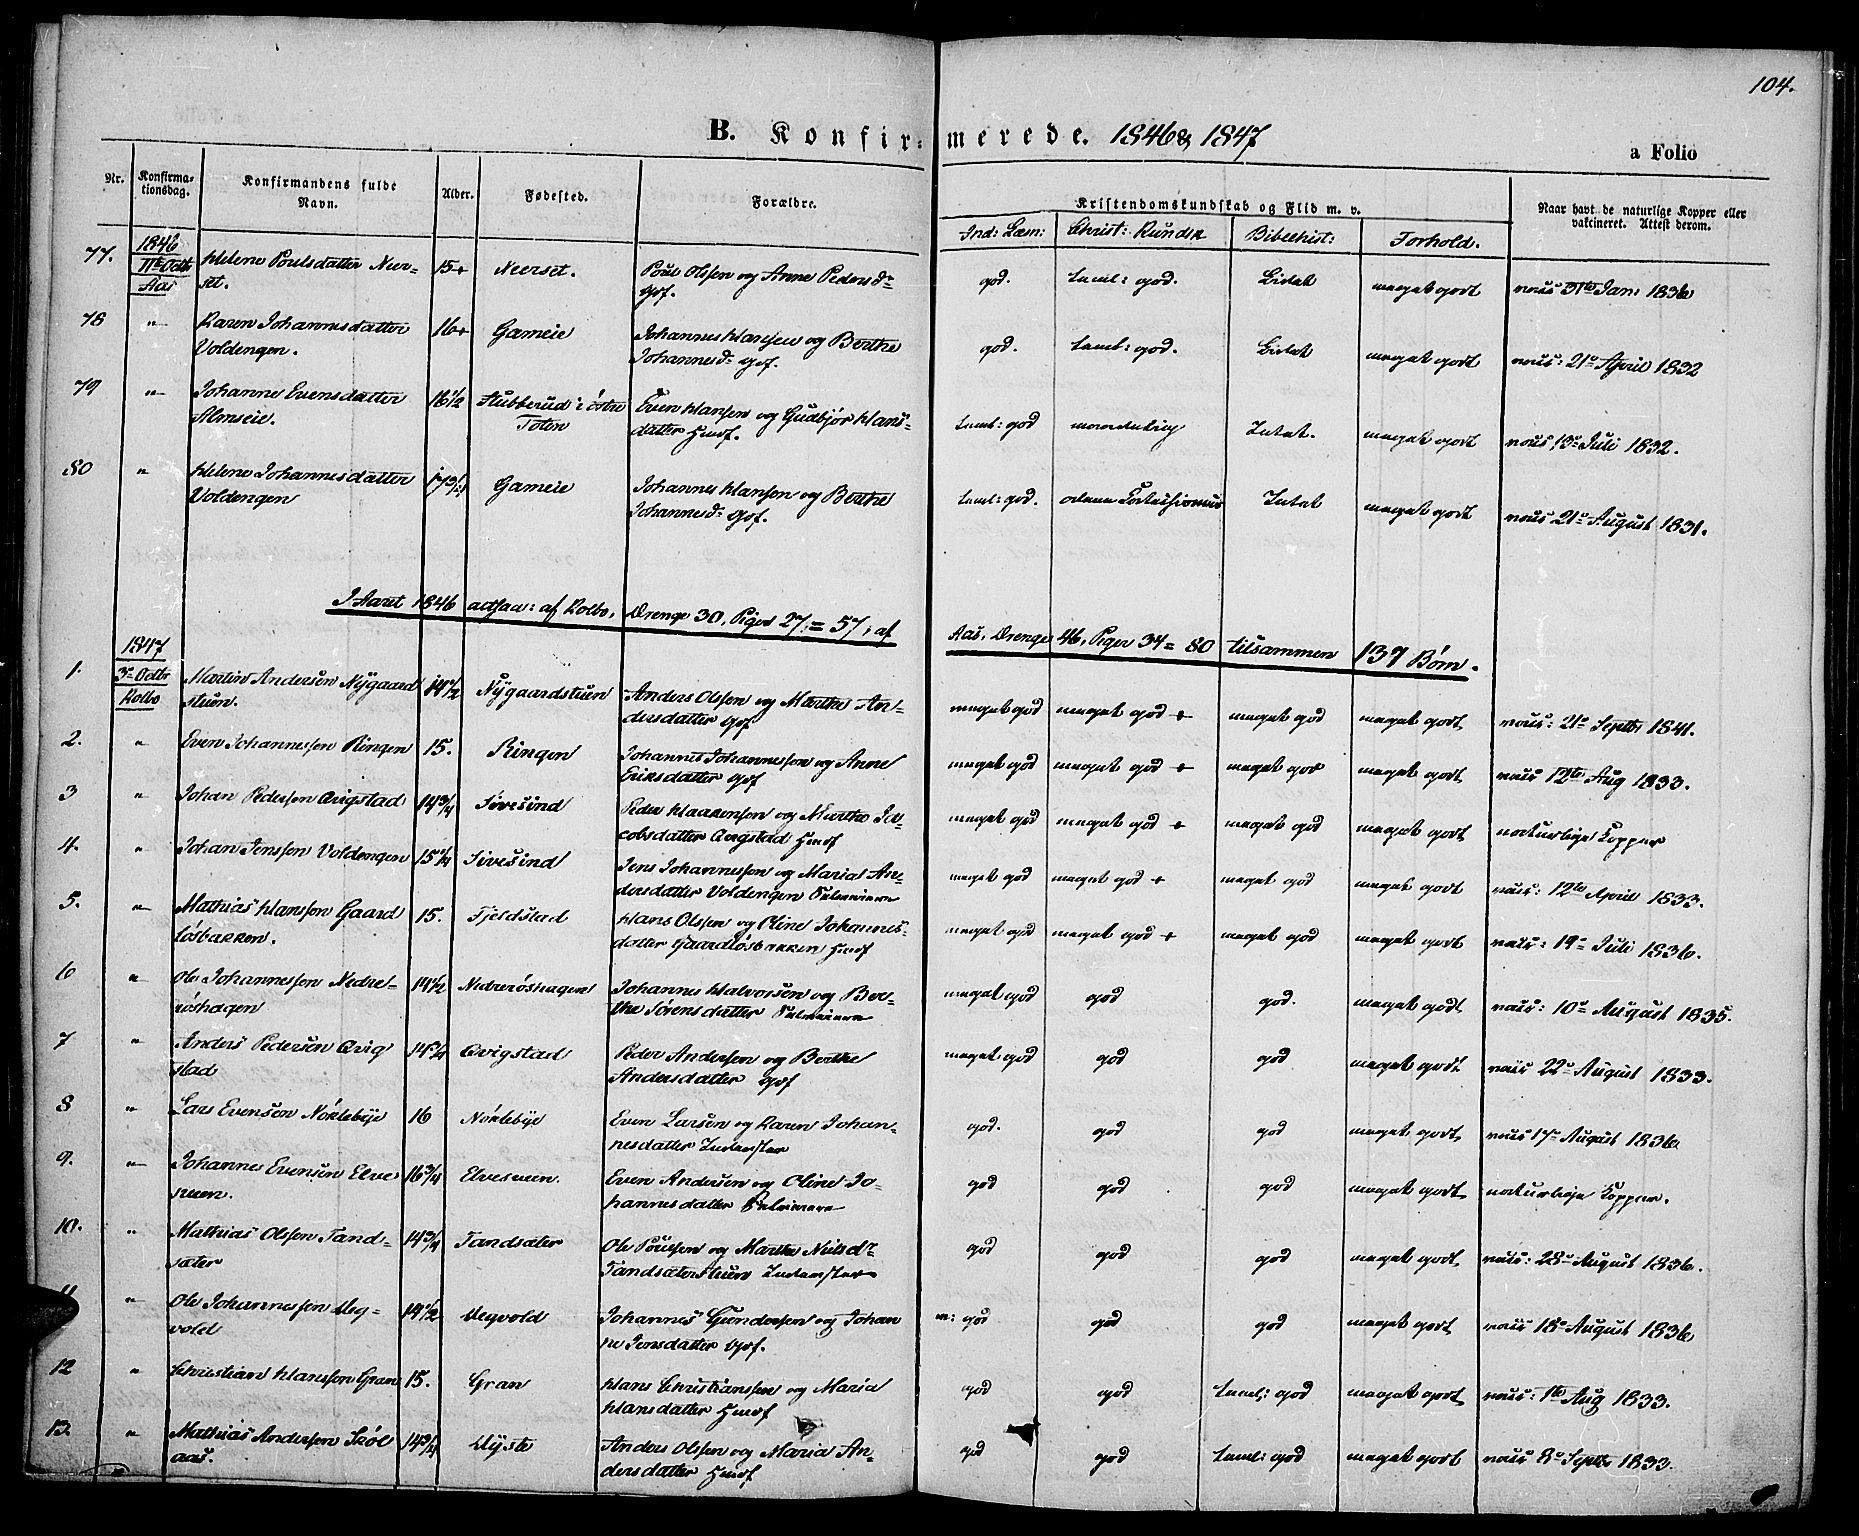 SAH, Vestre Toten prestekontor, Ministerialbok nr. 4, 1844-1849, s. 104